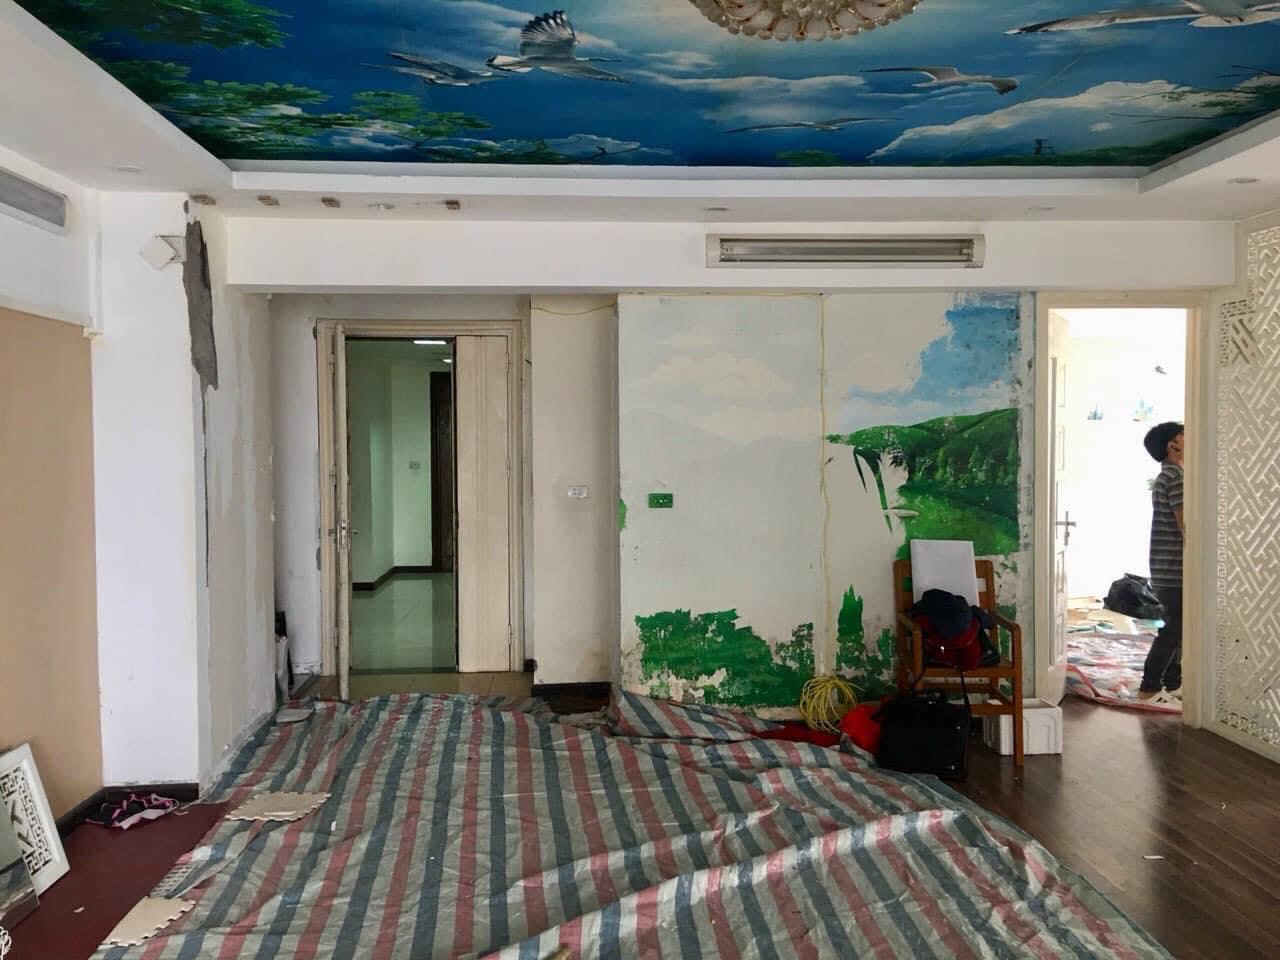 Trước khi lên đường đi đẻ, mẹ bầu Hà Thành 'biến hoá' căn hộ cũ đẹp hoài cổ đan xen hiện đại rất đặc biệt - Ảnh 13